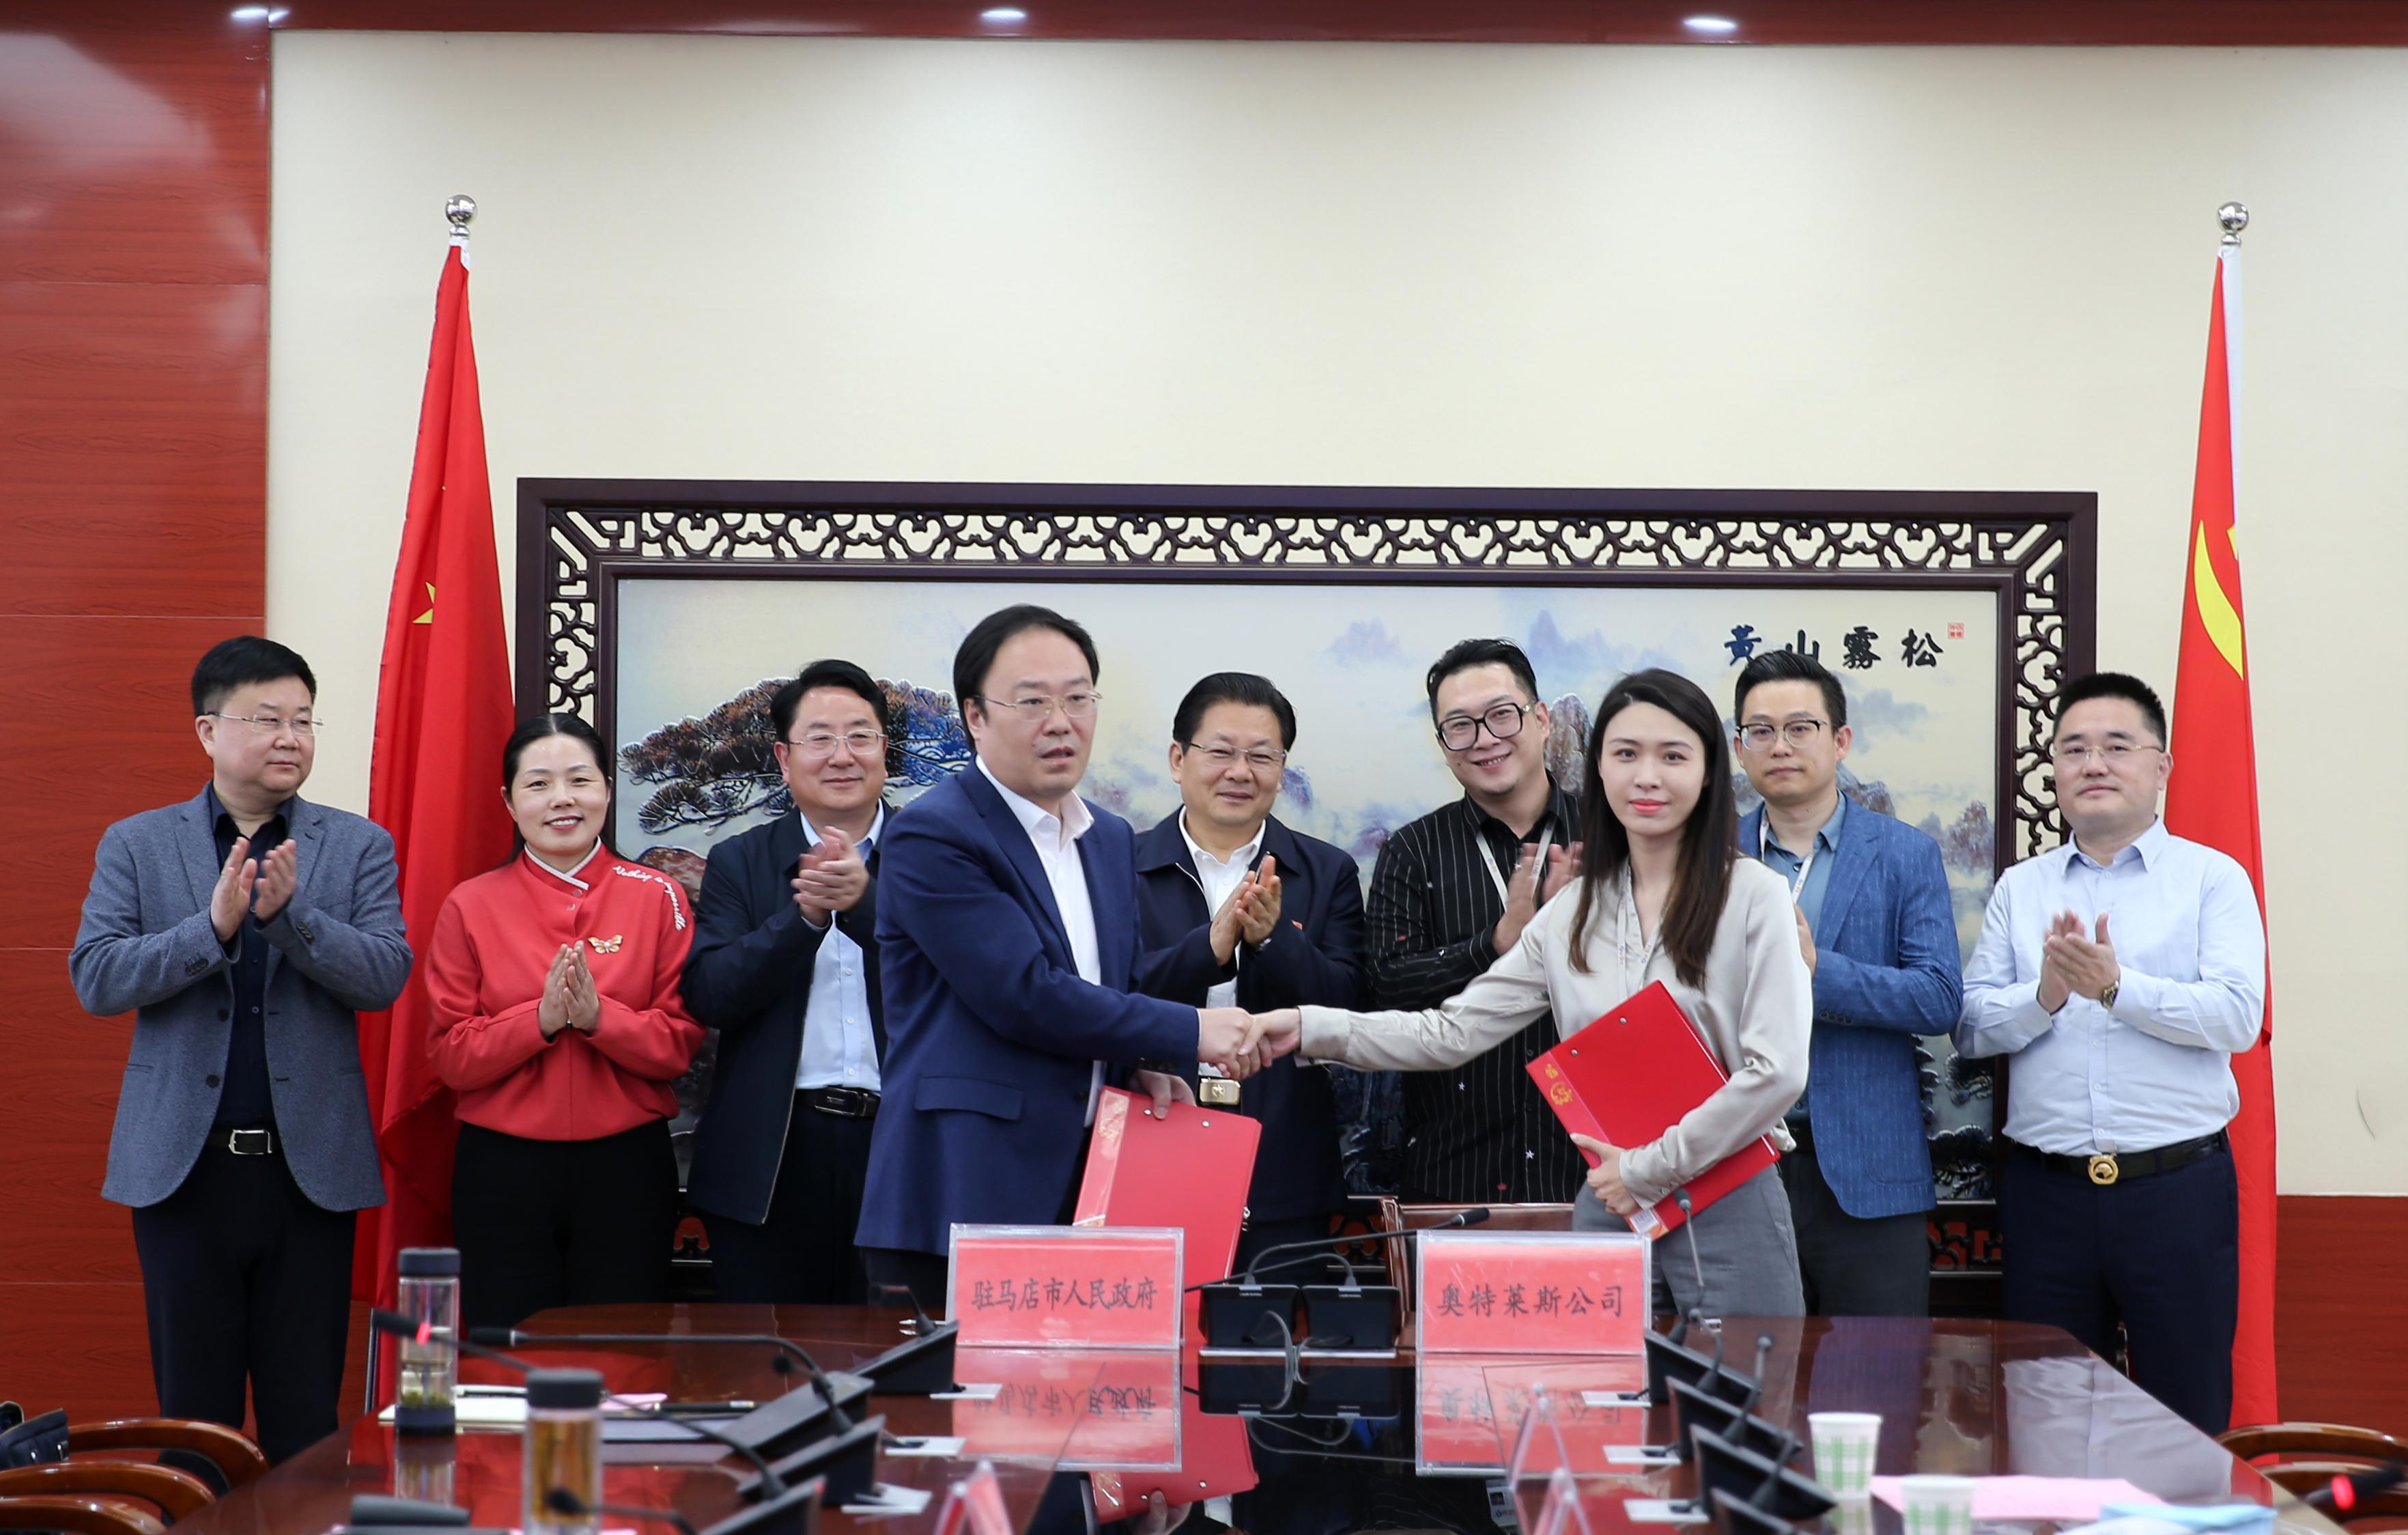 市政府与奥特莱斯(中国)签约驻马店奥特莱斯国际购物小镇项目